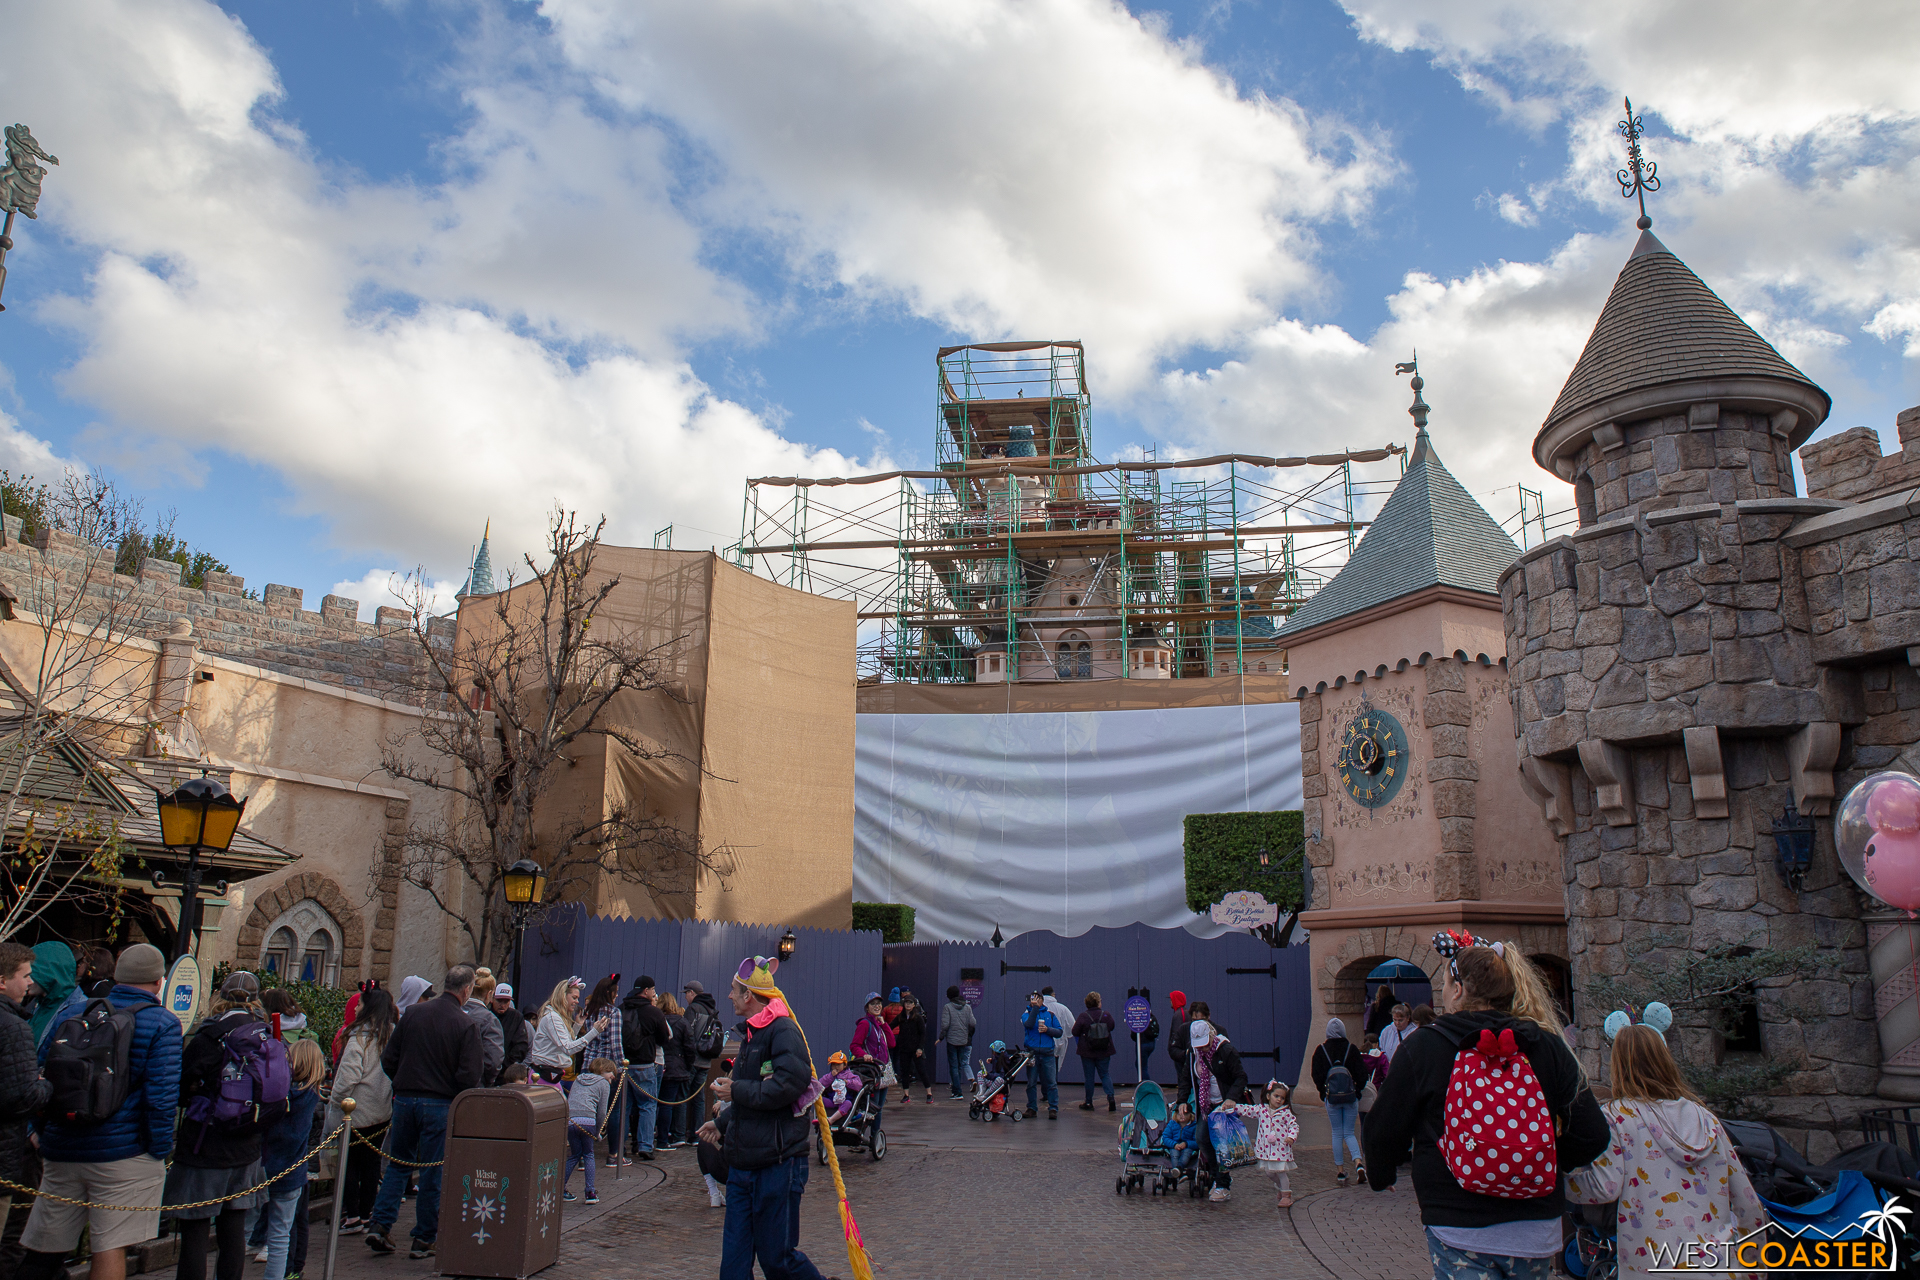 Westcoaster Disneyland Update 2-19-5.jpg